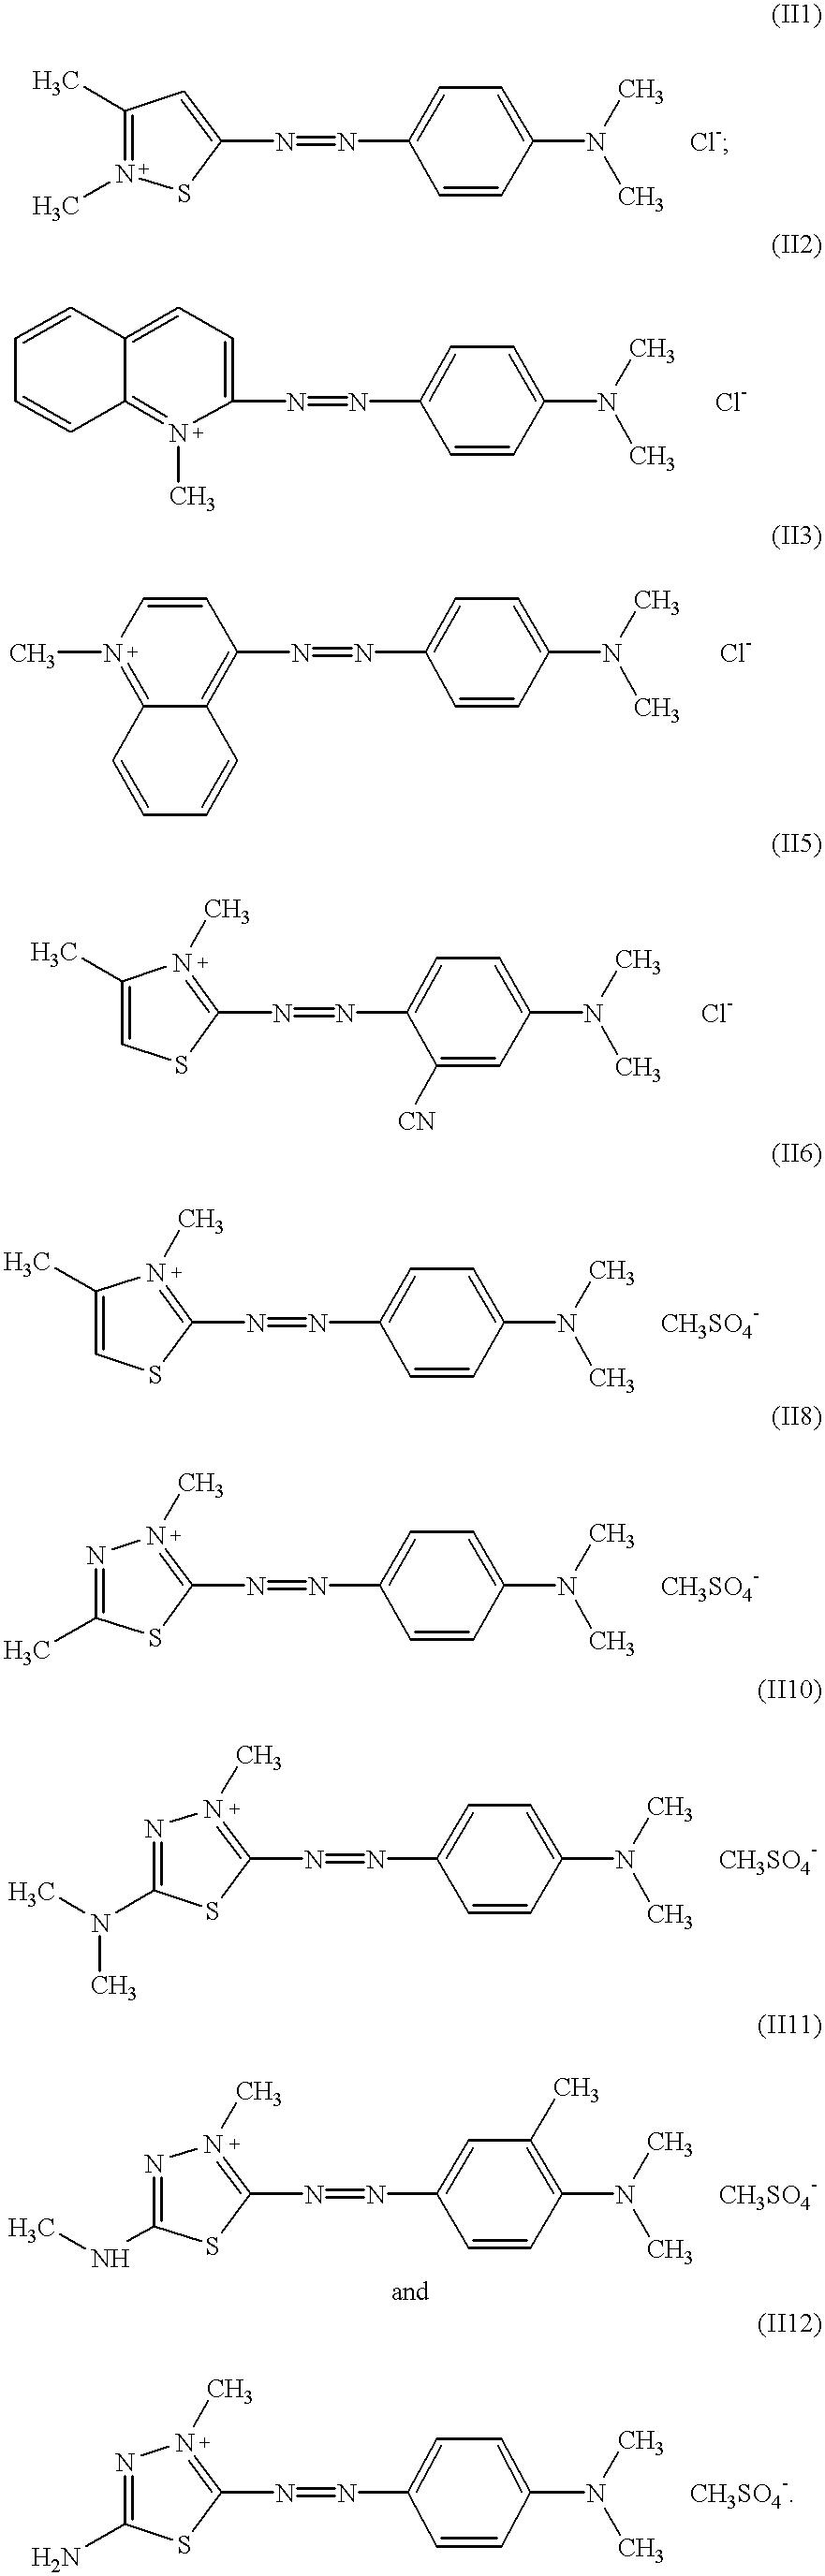 Figure US20020046432A1-20020425-C00009